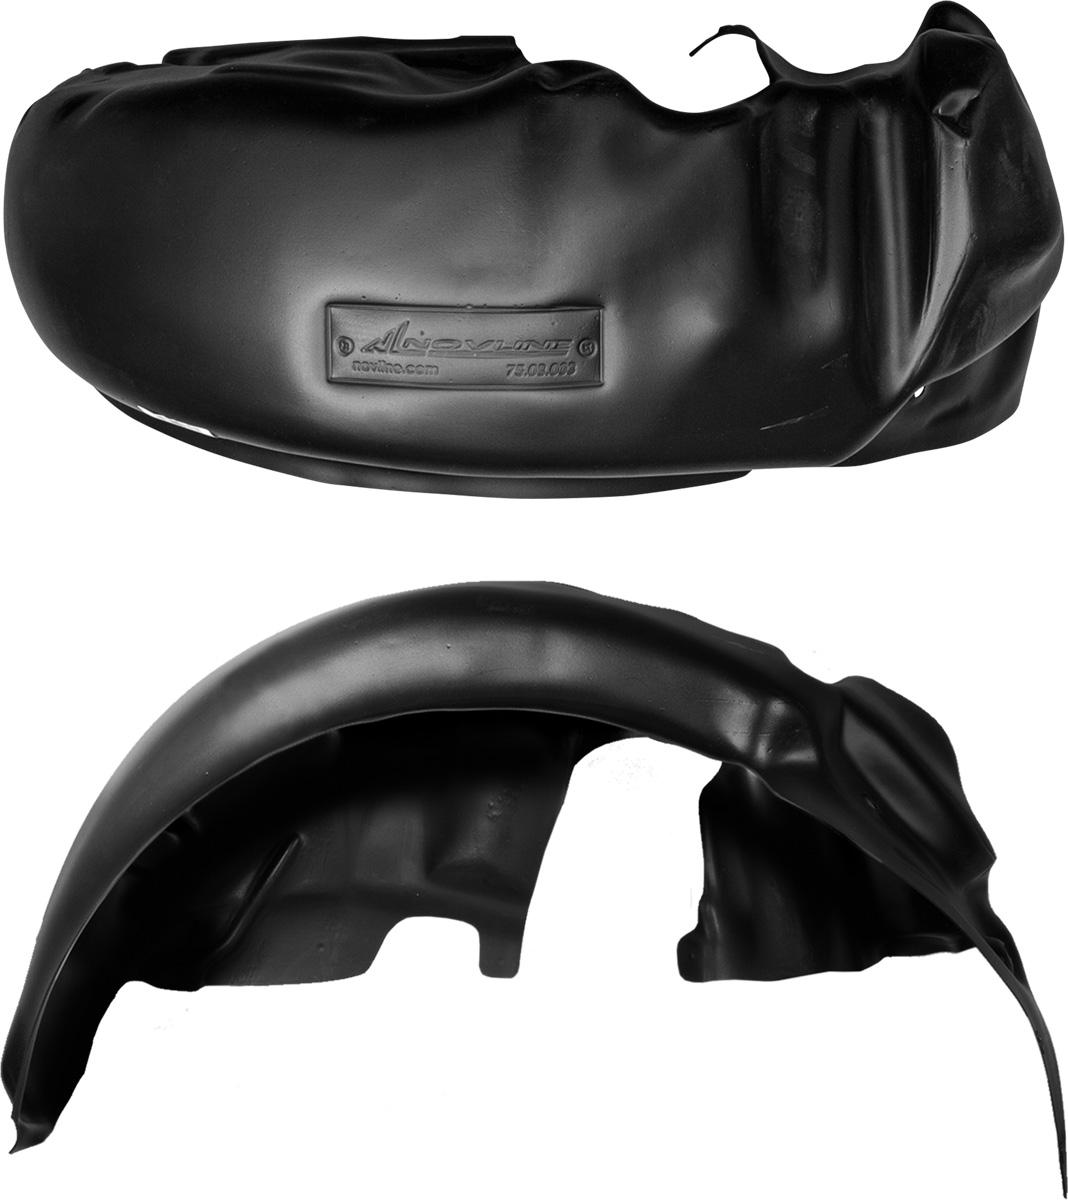 Подкрылок Novline-Autofamily, для Hyundai Solaris, 2010-2014, седан, хэтчбек (передний правый)NLL.20.41.002Подкрылок выполнен из высококачественного, экологически чистого пластика. Обеспечивает надежную защиту кузова автомобиля от пескоструйного эффекта и негативного влияния, агрессивных антигололедных реагентов. Пластик обладает более низкой теплопроводностью, чем металл, поэтому в зимний период эксплуатации использование пластиковых подкрылков позволяет лучше защитить колесные ниши от налипания снега и образования наледи. Оригинальность конструкции подчеркивает элегантность автомобиля, бережно защищает нанесенное на днище кузова антикоррозийное покрытие и позволяет осуществить крепление подкрылка внутри колесной арки практически без дополнительного крепежа и сверления, не нарушая при этом лакокрасочного покрытия, что предотвращает возникновение новых очагов коррозии. Технология крепления подкрылка на иномарки принципиально отличается от крепления на российские автомобили и разрабатывается индивидуально для каждой модели автомобиля. Подкрылок долговечен, обладает высокой прочностью и сохраняет заданную форму, а также все свои физико-механические характеристики в самых тяжелых климатических условиях ( от -50° С до + 50° С).